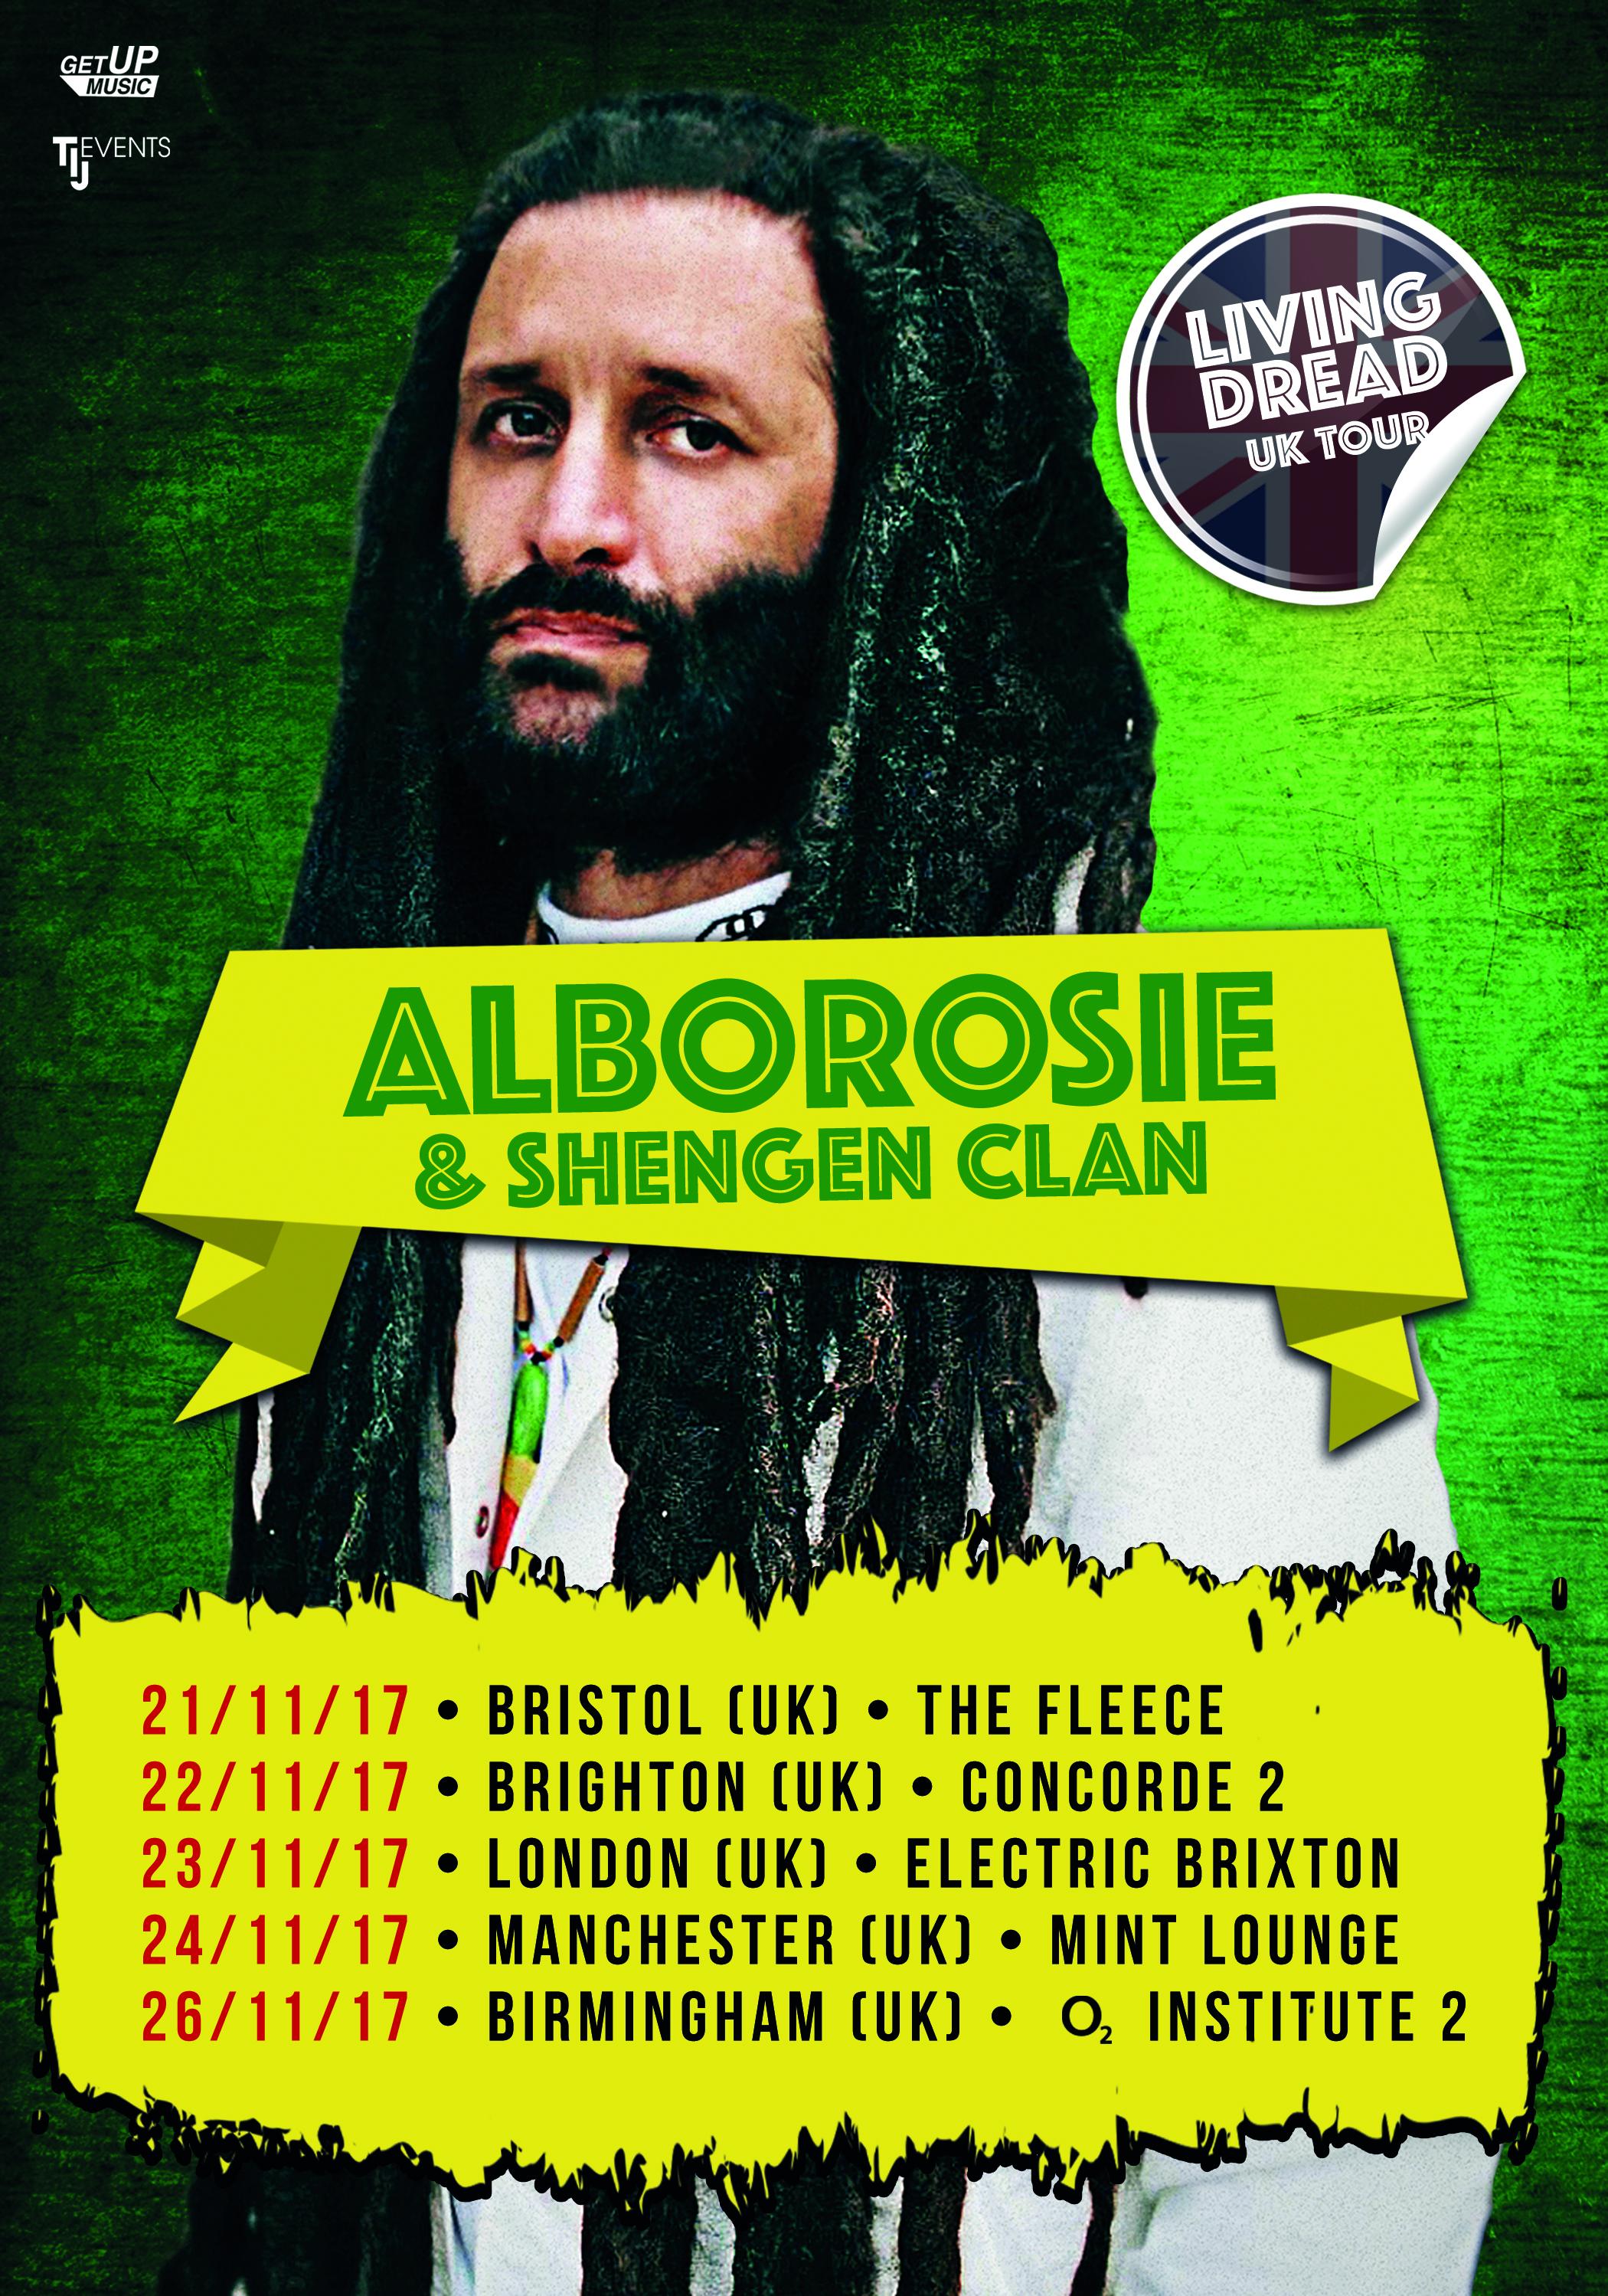 Alborosie &Shengen Clan